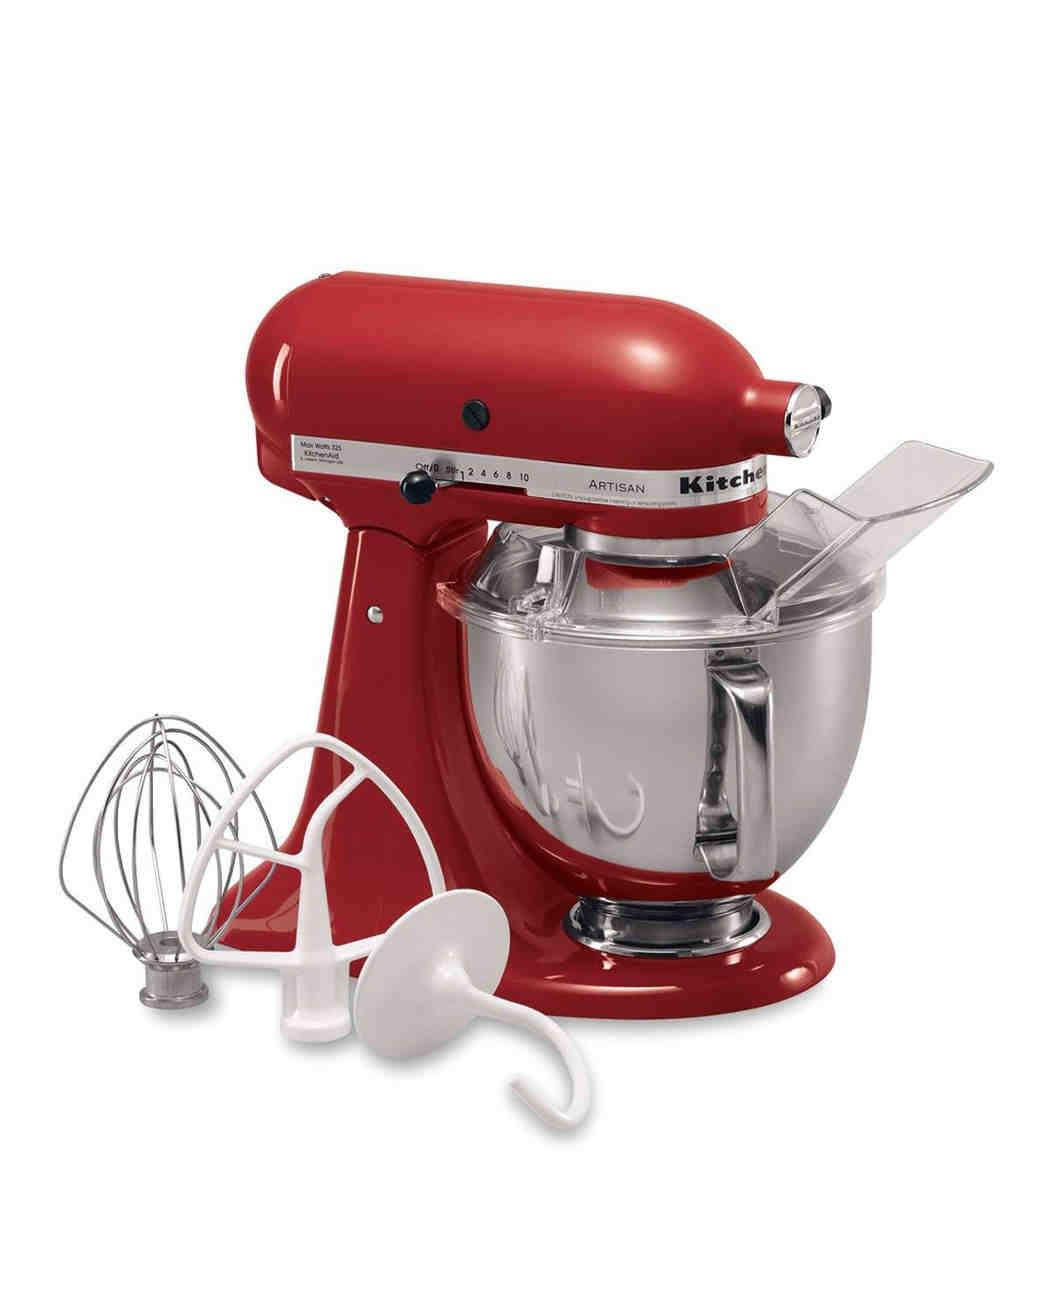 martha-bride-registry-erin-fetherston-kitchenaid-artisan-design-series-stand-mixer-0515.jpg